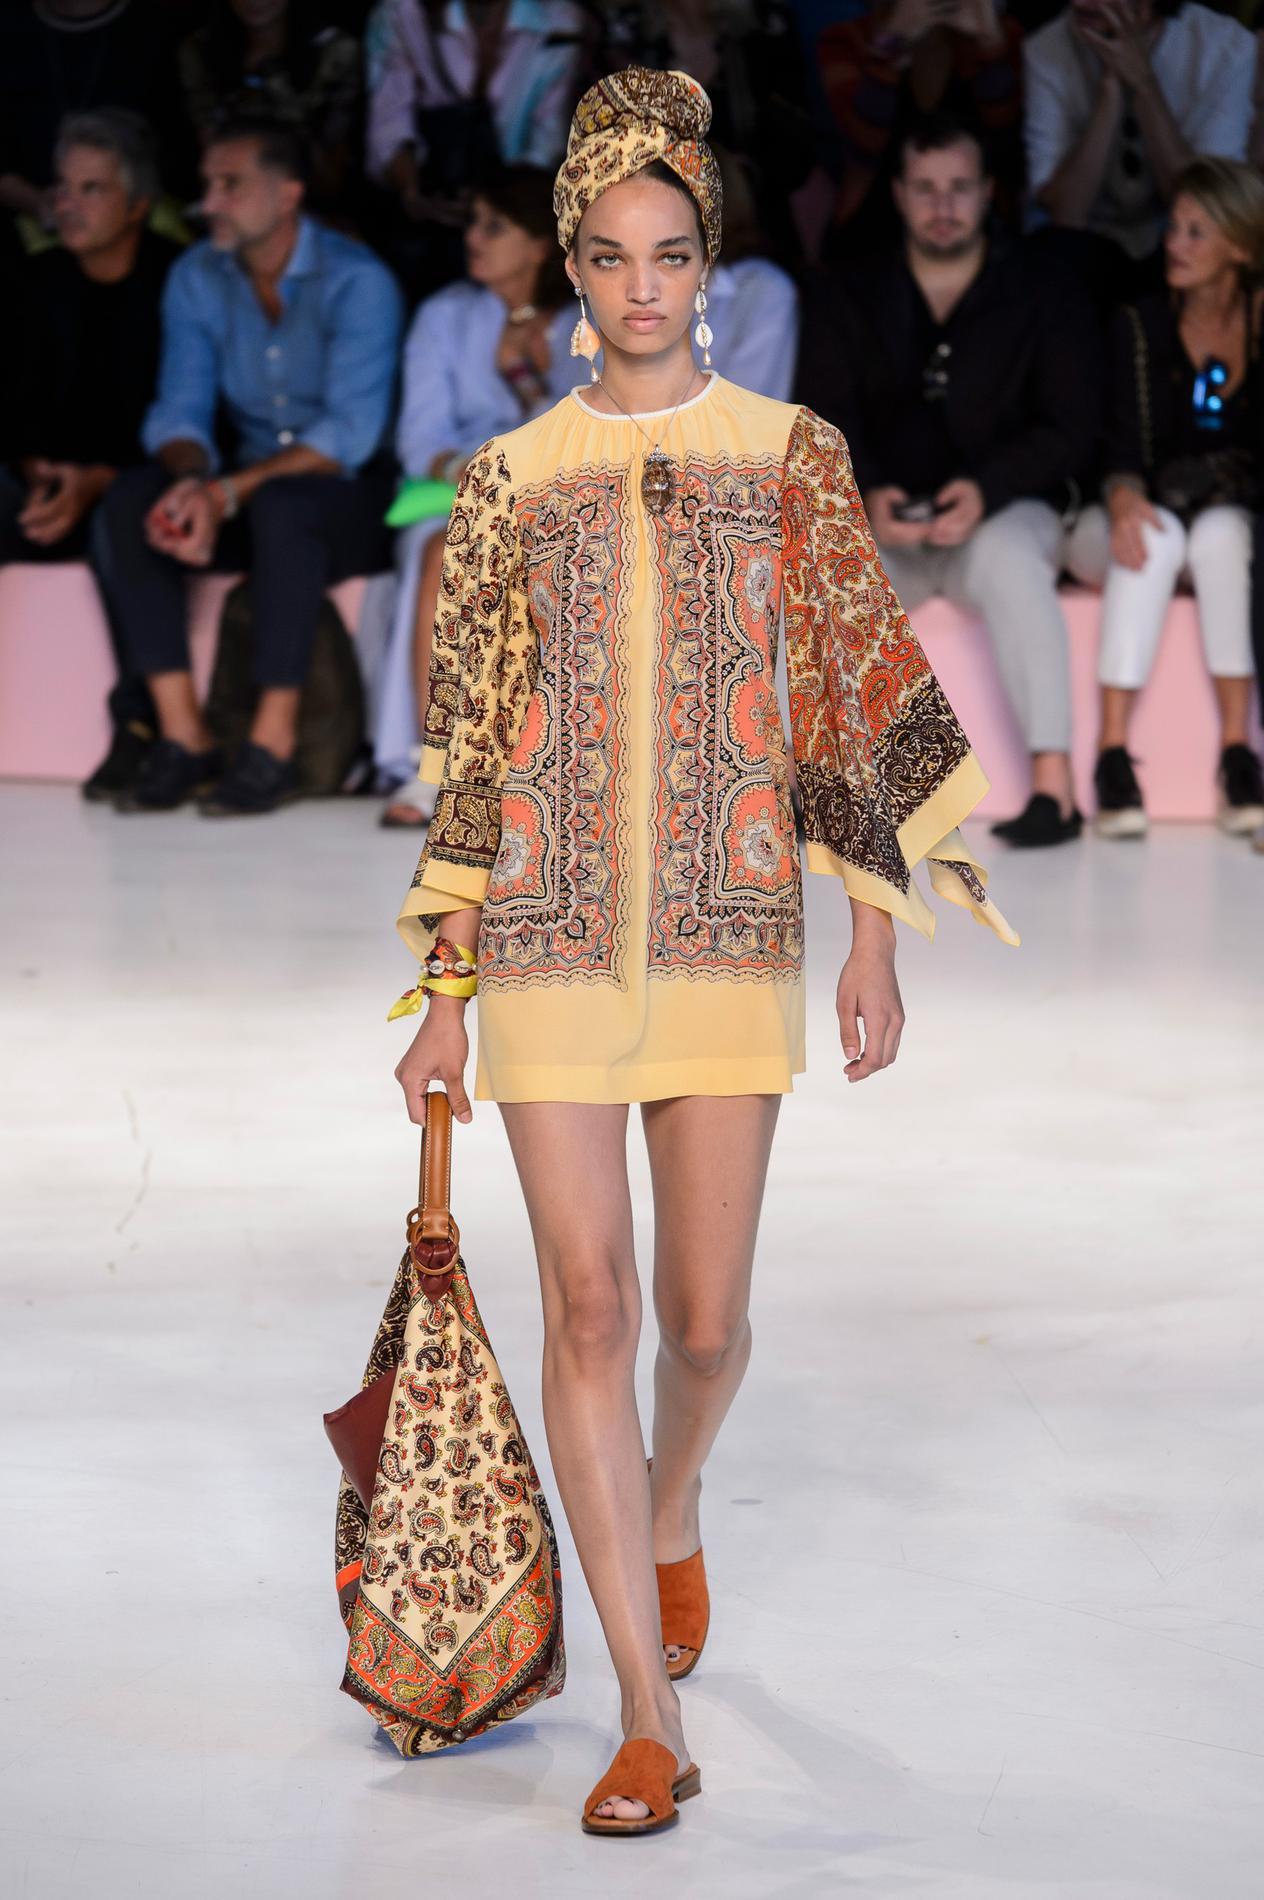 e01bbe53d2 Le foulard fait son come-back chez les millenials - Madame Figaro